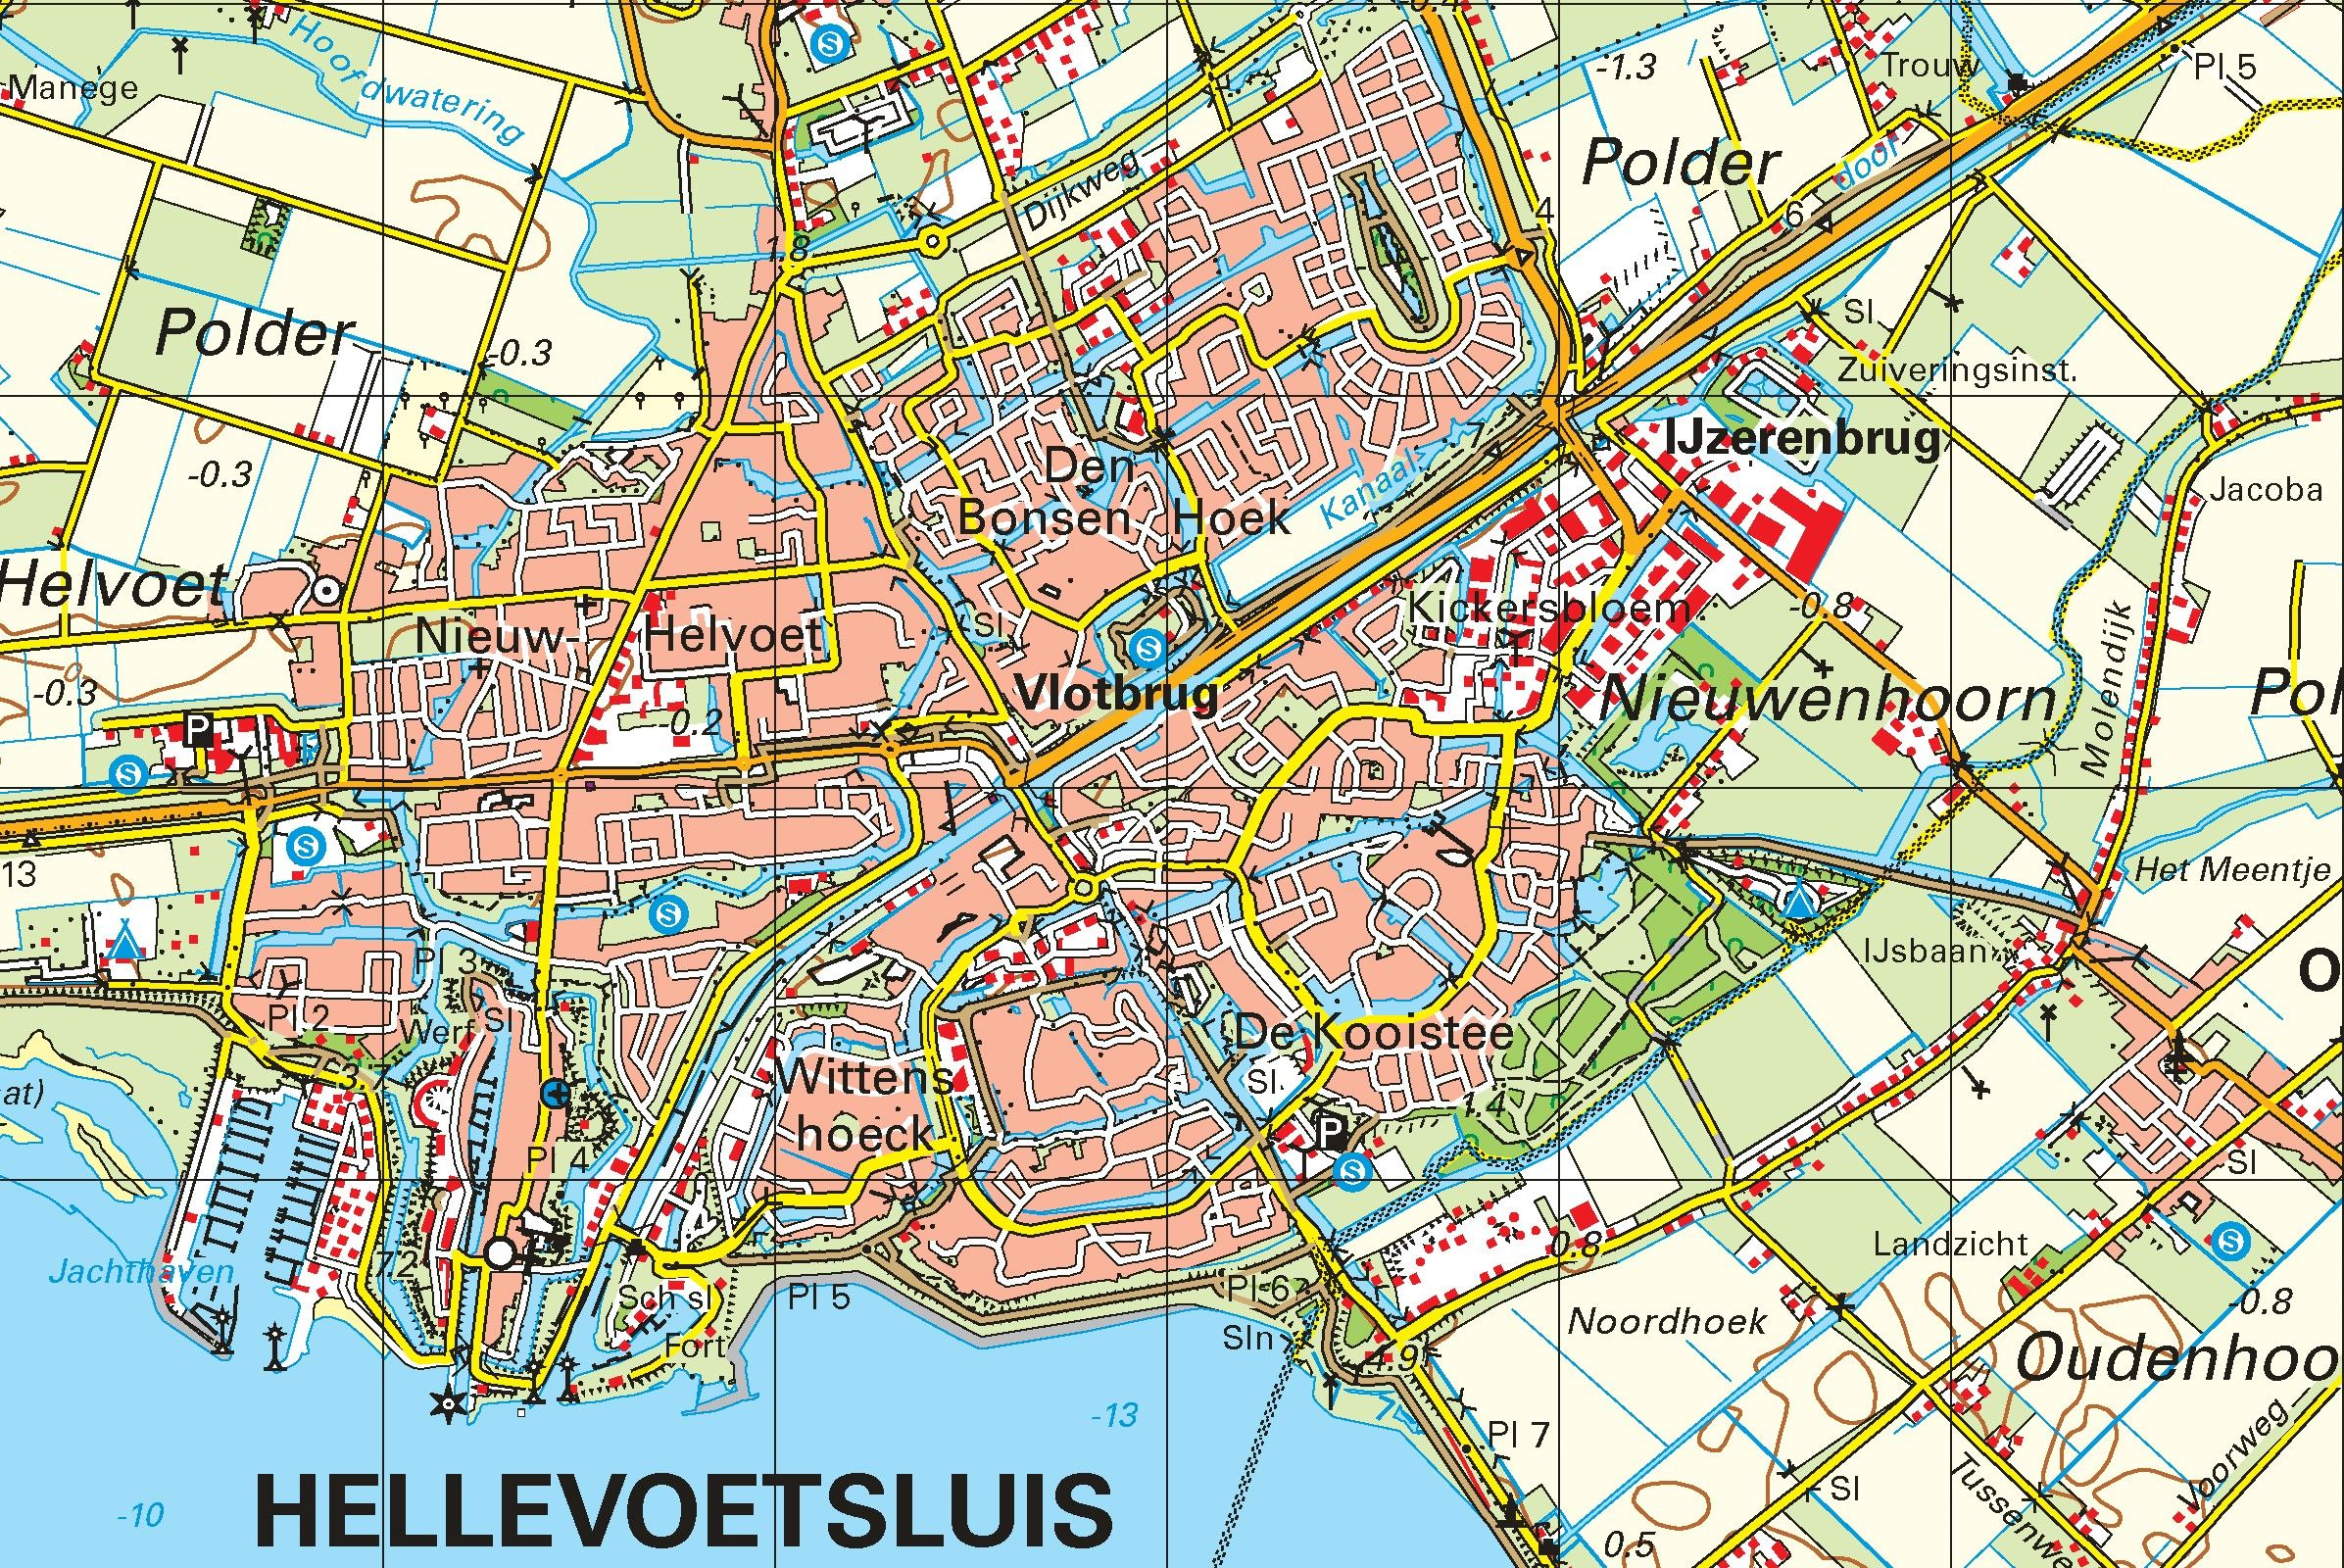 Topografische kaart schaal 1:50.000 (Hoek van Holland , Brielle , Hellevoetsluis, Zierikzee)